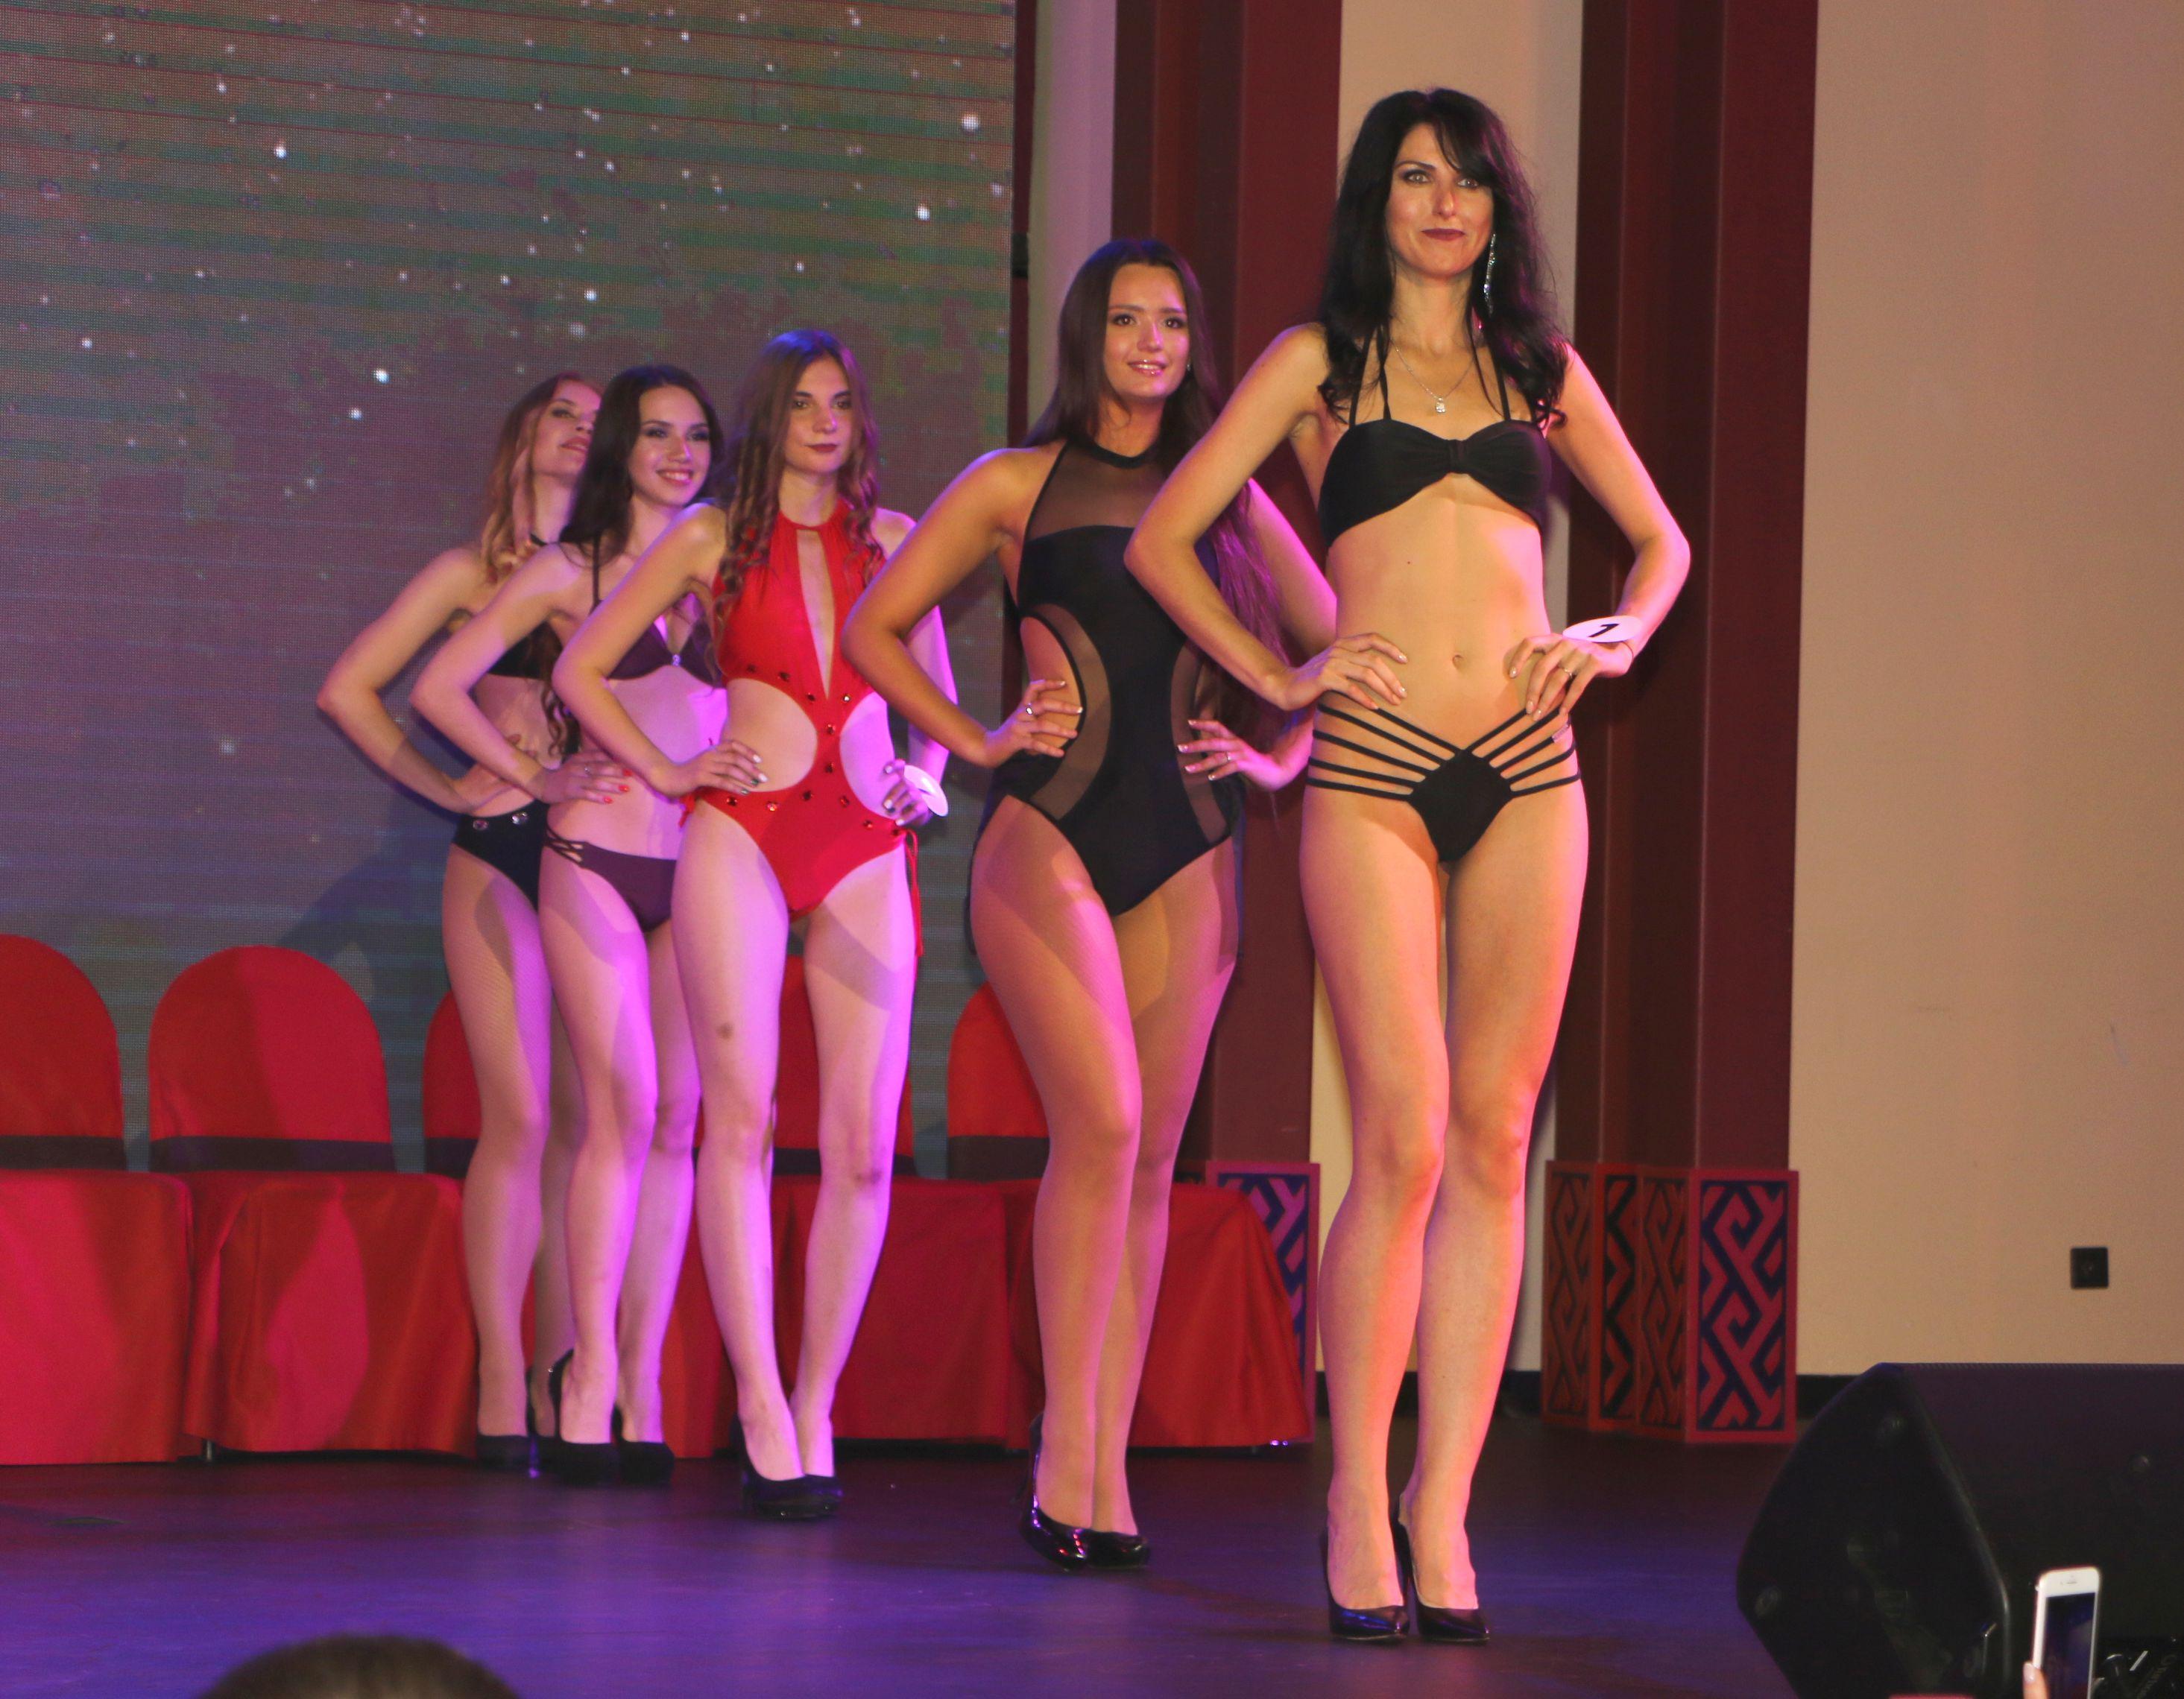 俄國少女自小對相貌有信心,也從不吝嗇展示驕人身材。